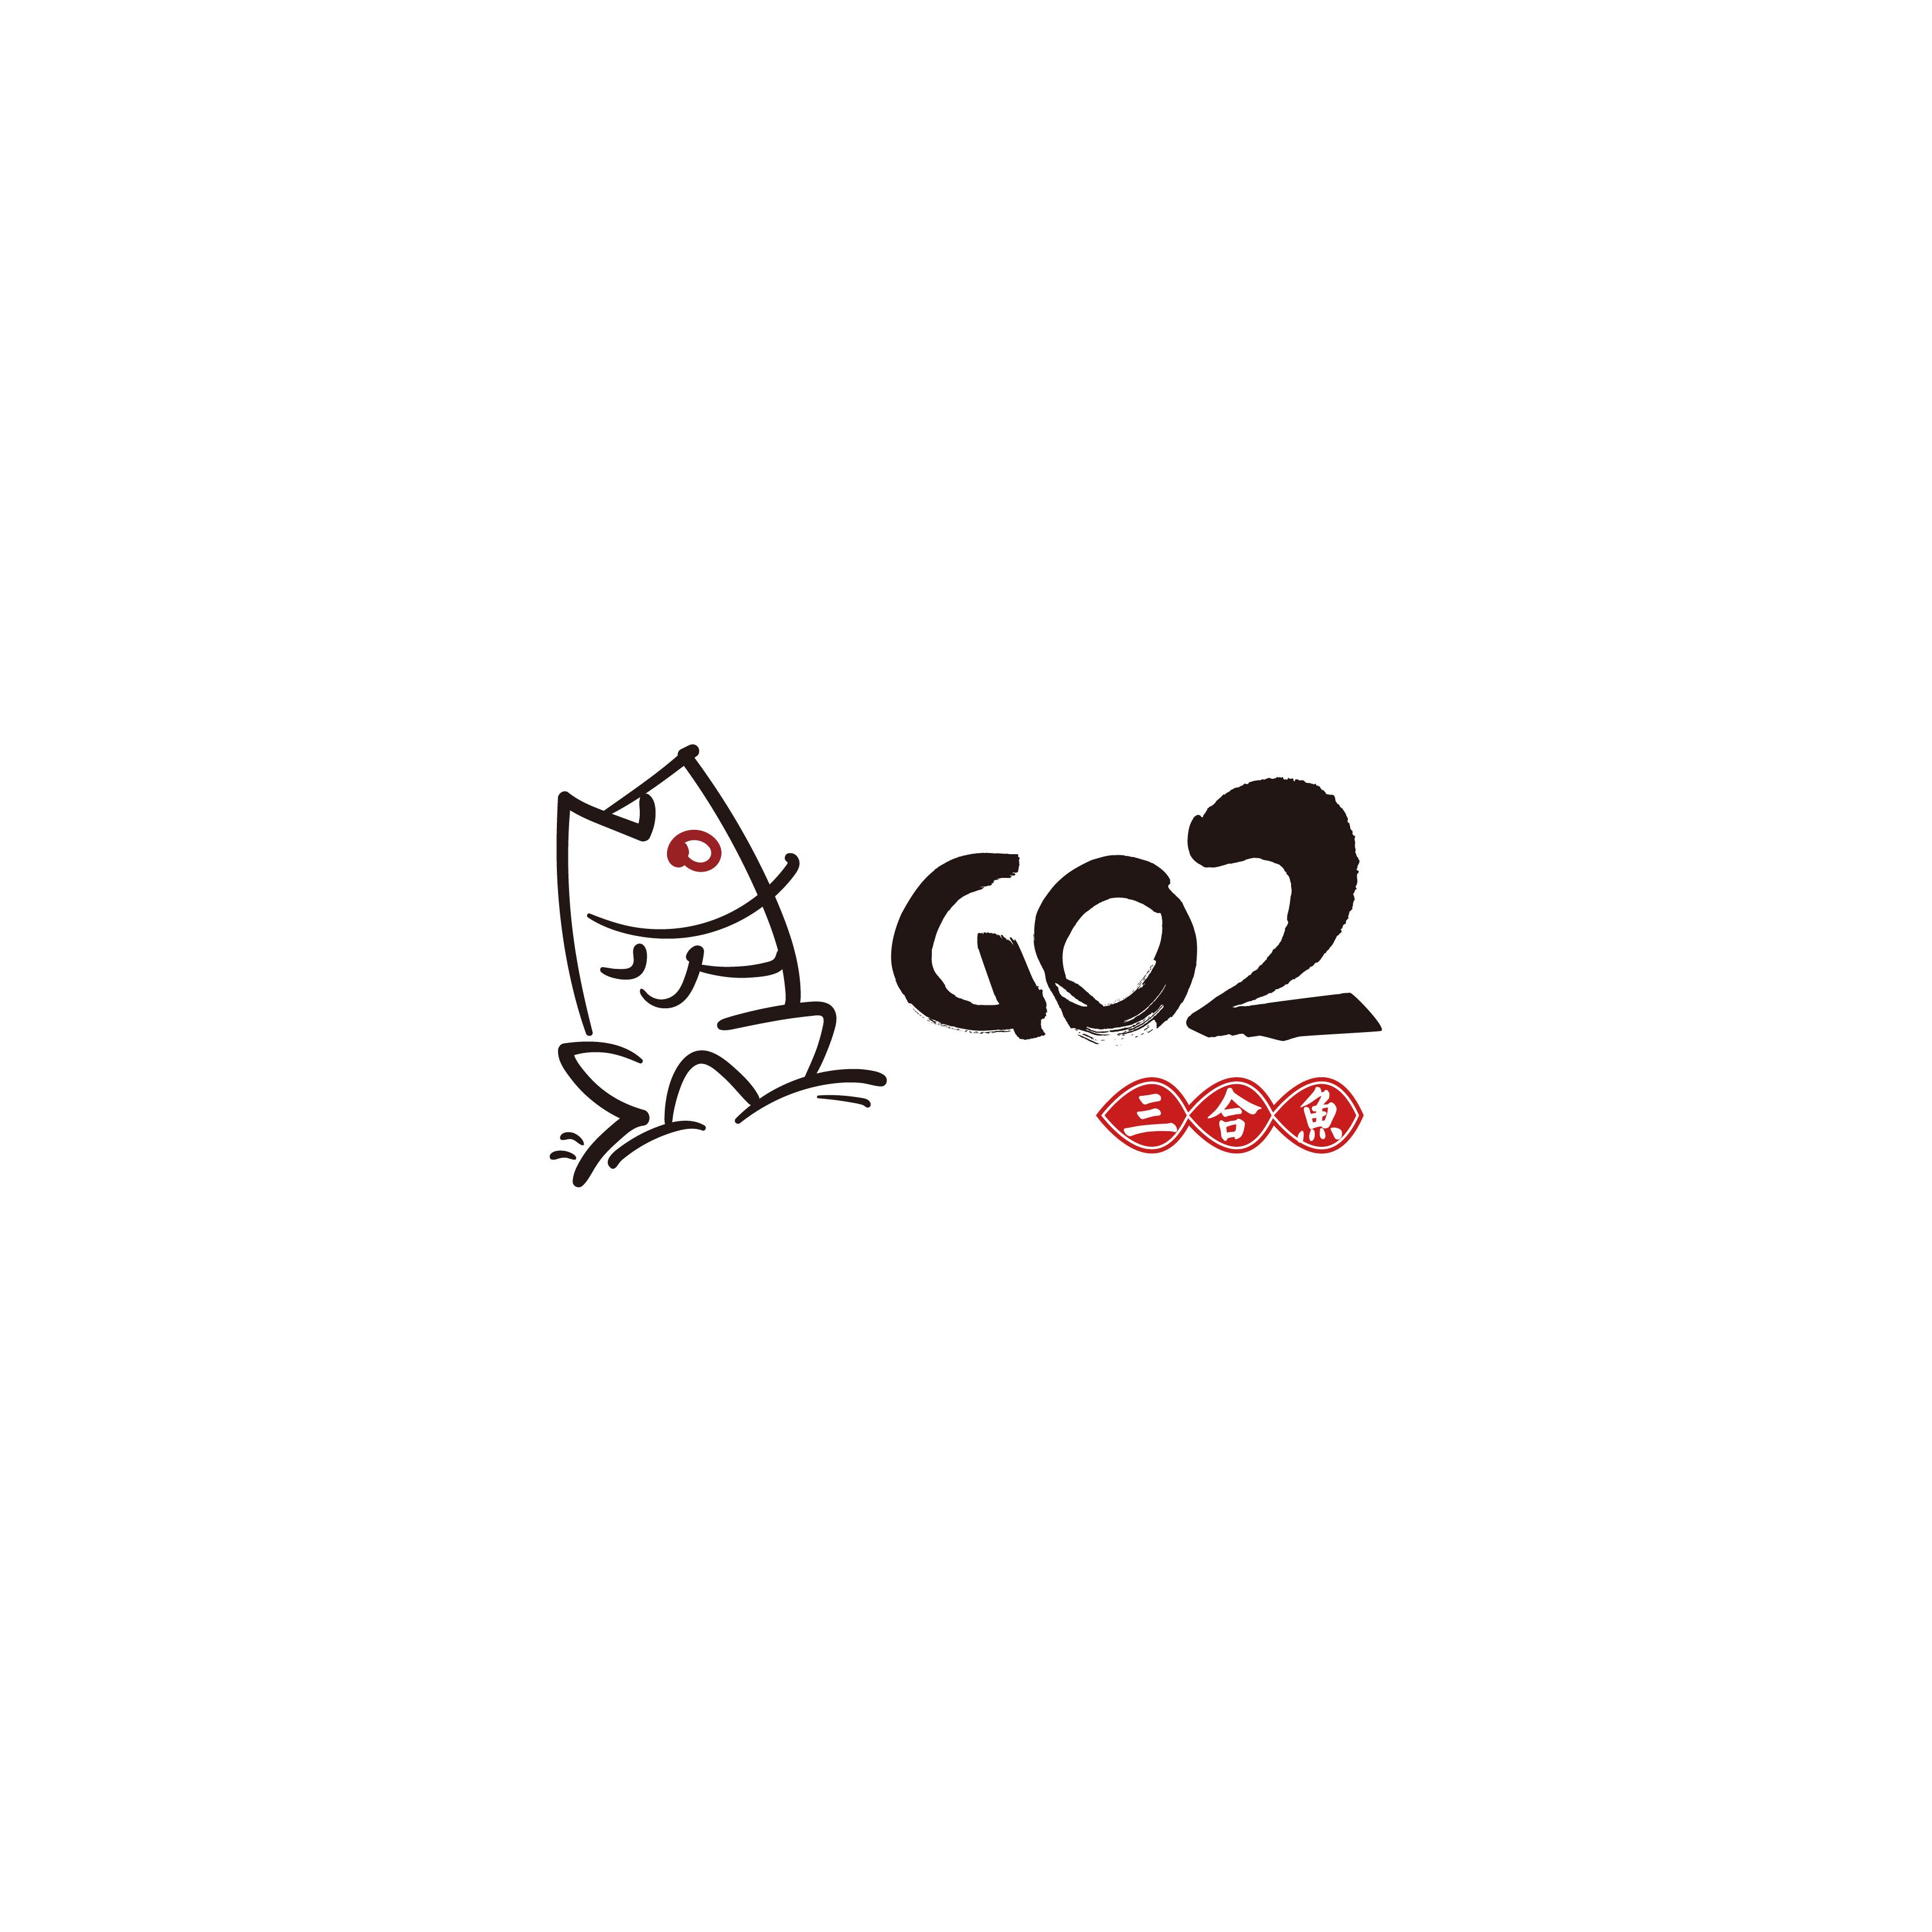 GO2三合鱼品牌logo设计